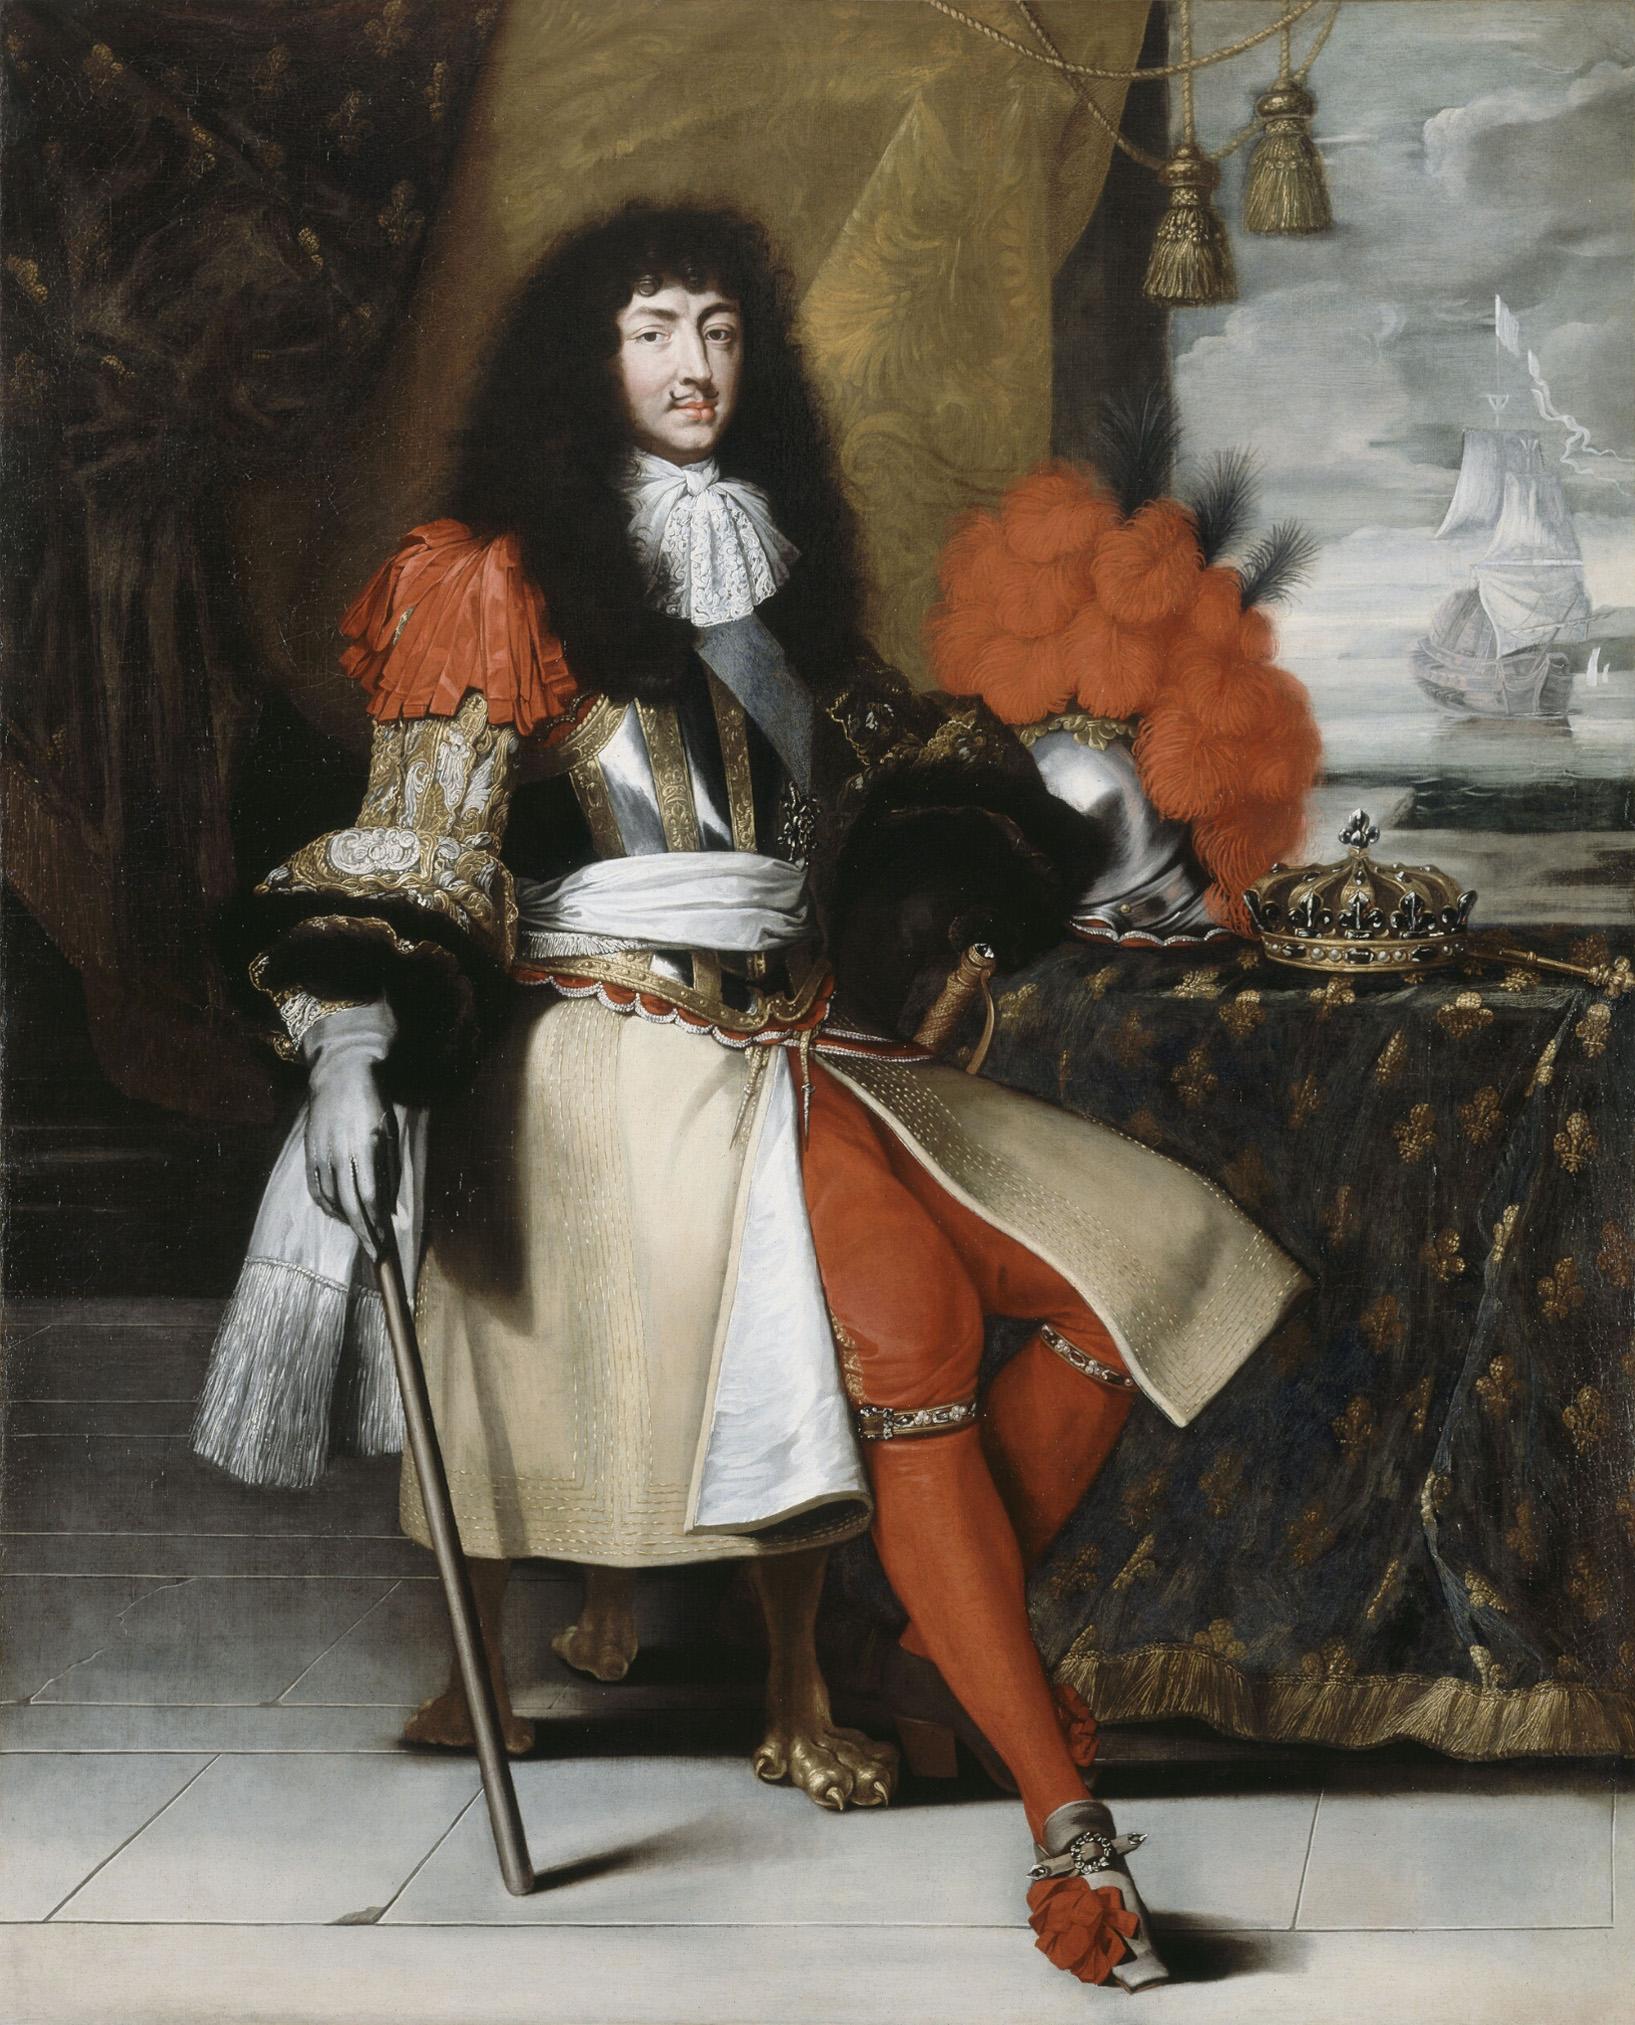 Louis_XIV,_King_of_France,_after_Lefebvre_-_Les_collections_du_château_de_Versailles.jpg